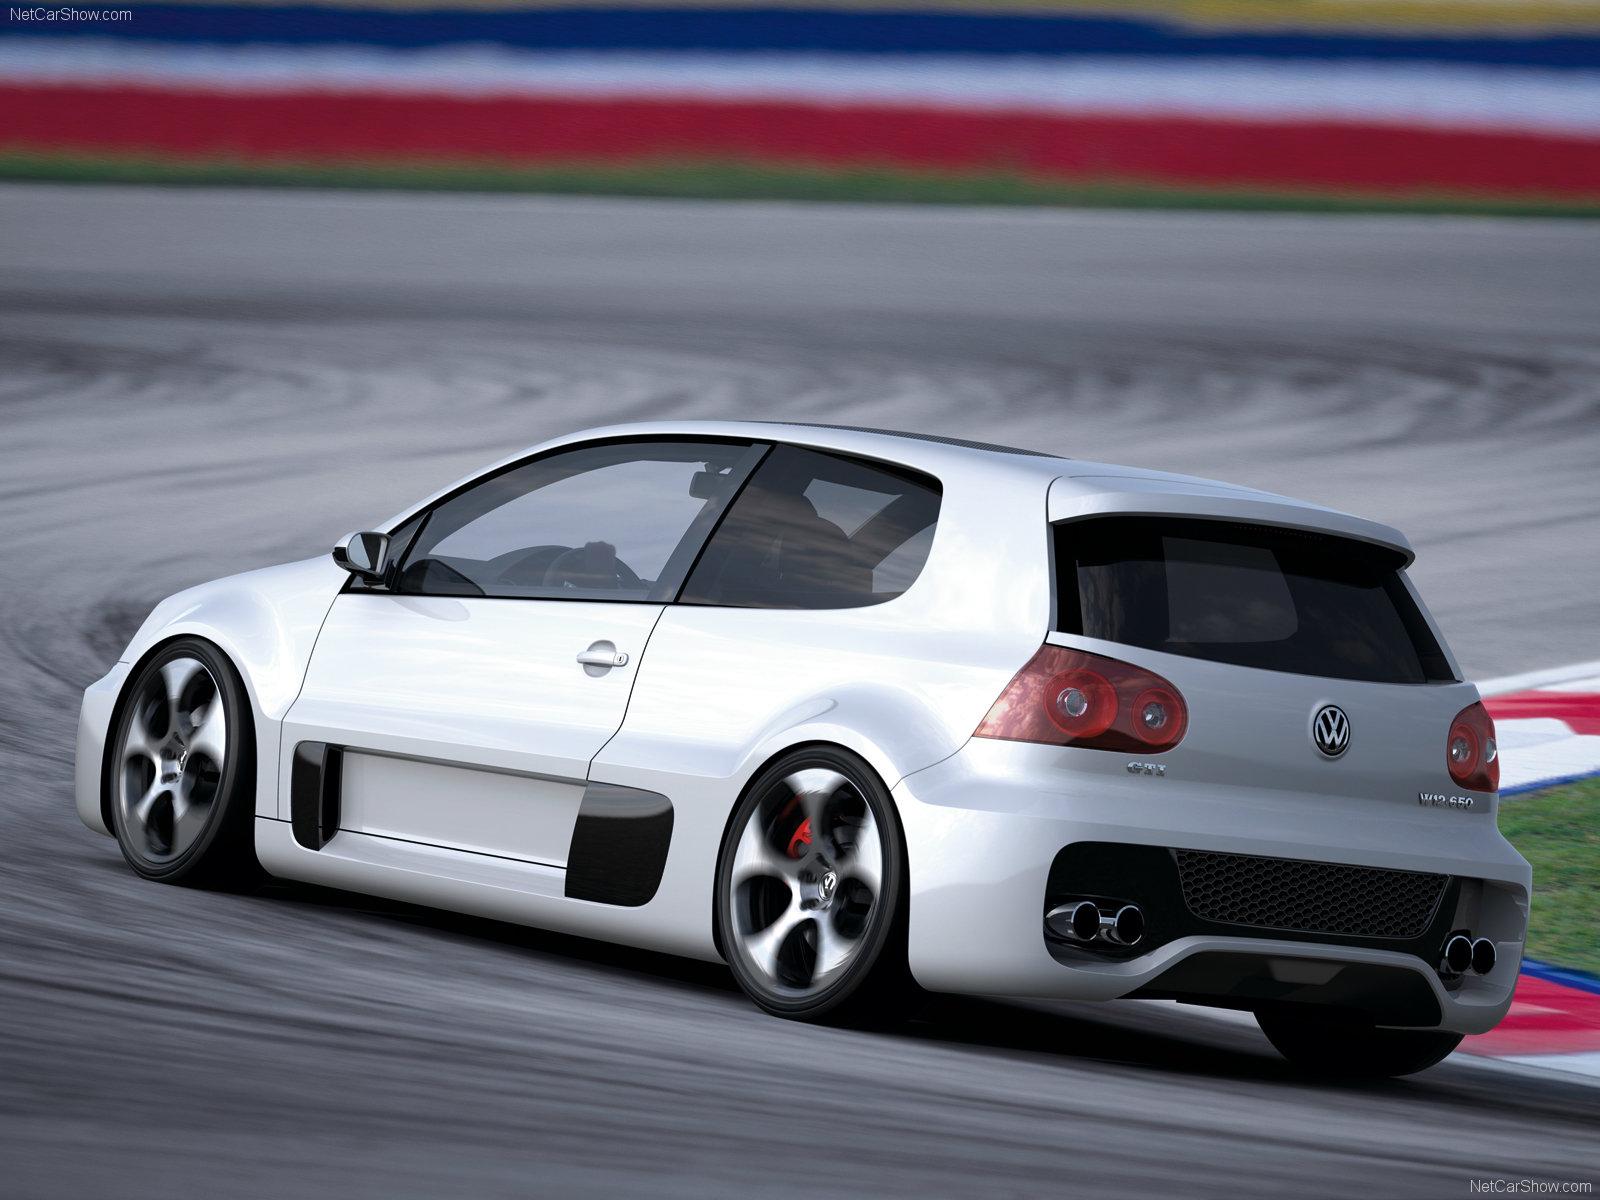 До нового VW Golf остались считанные дни